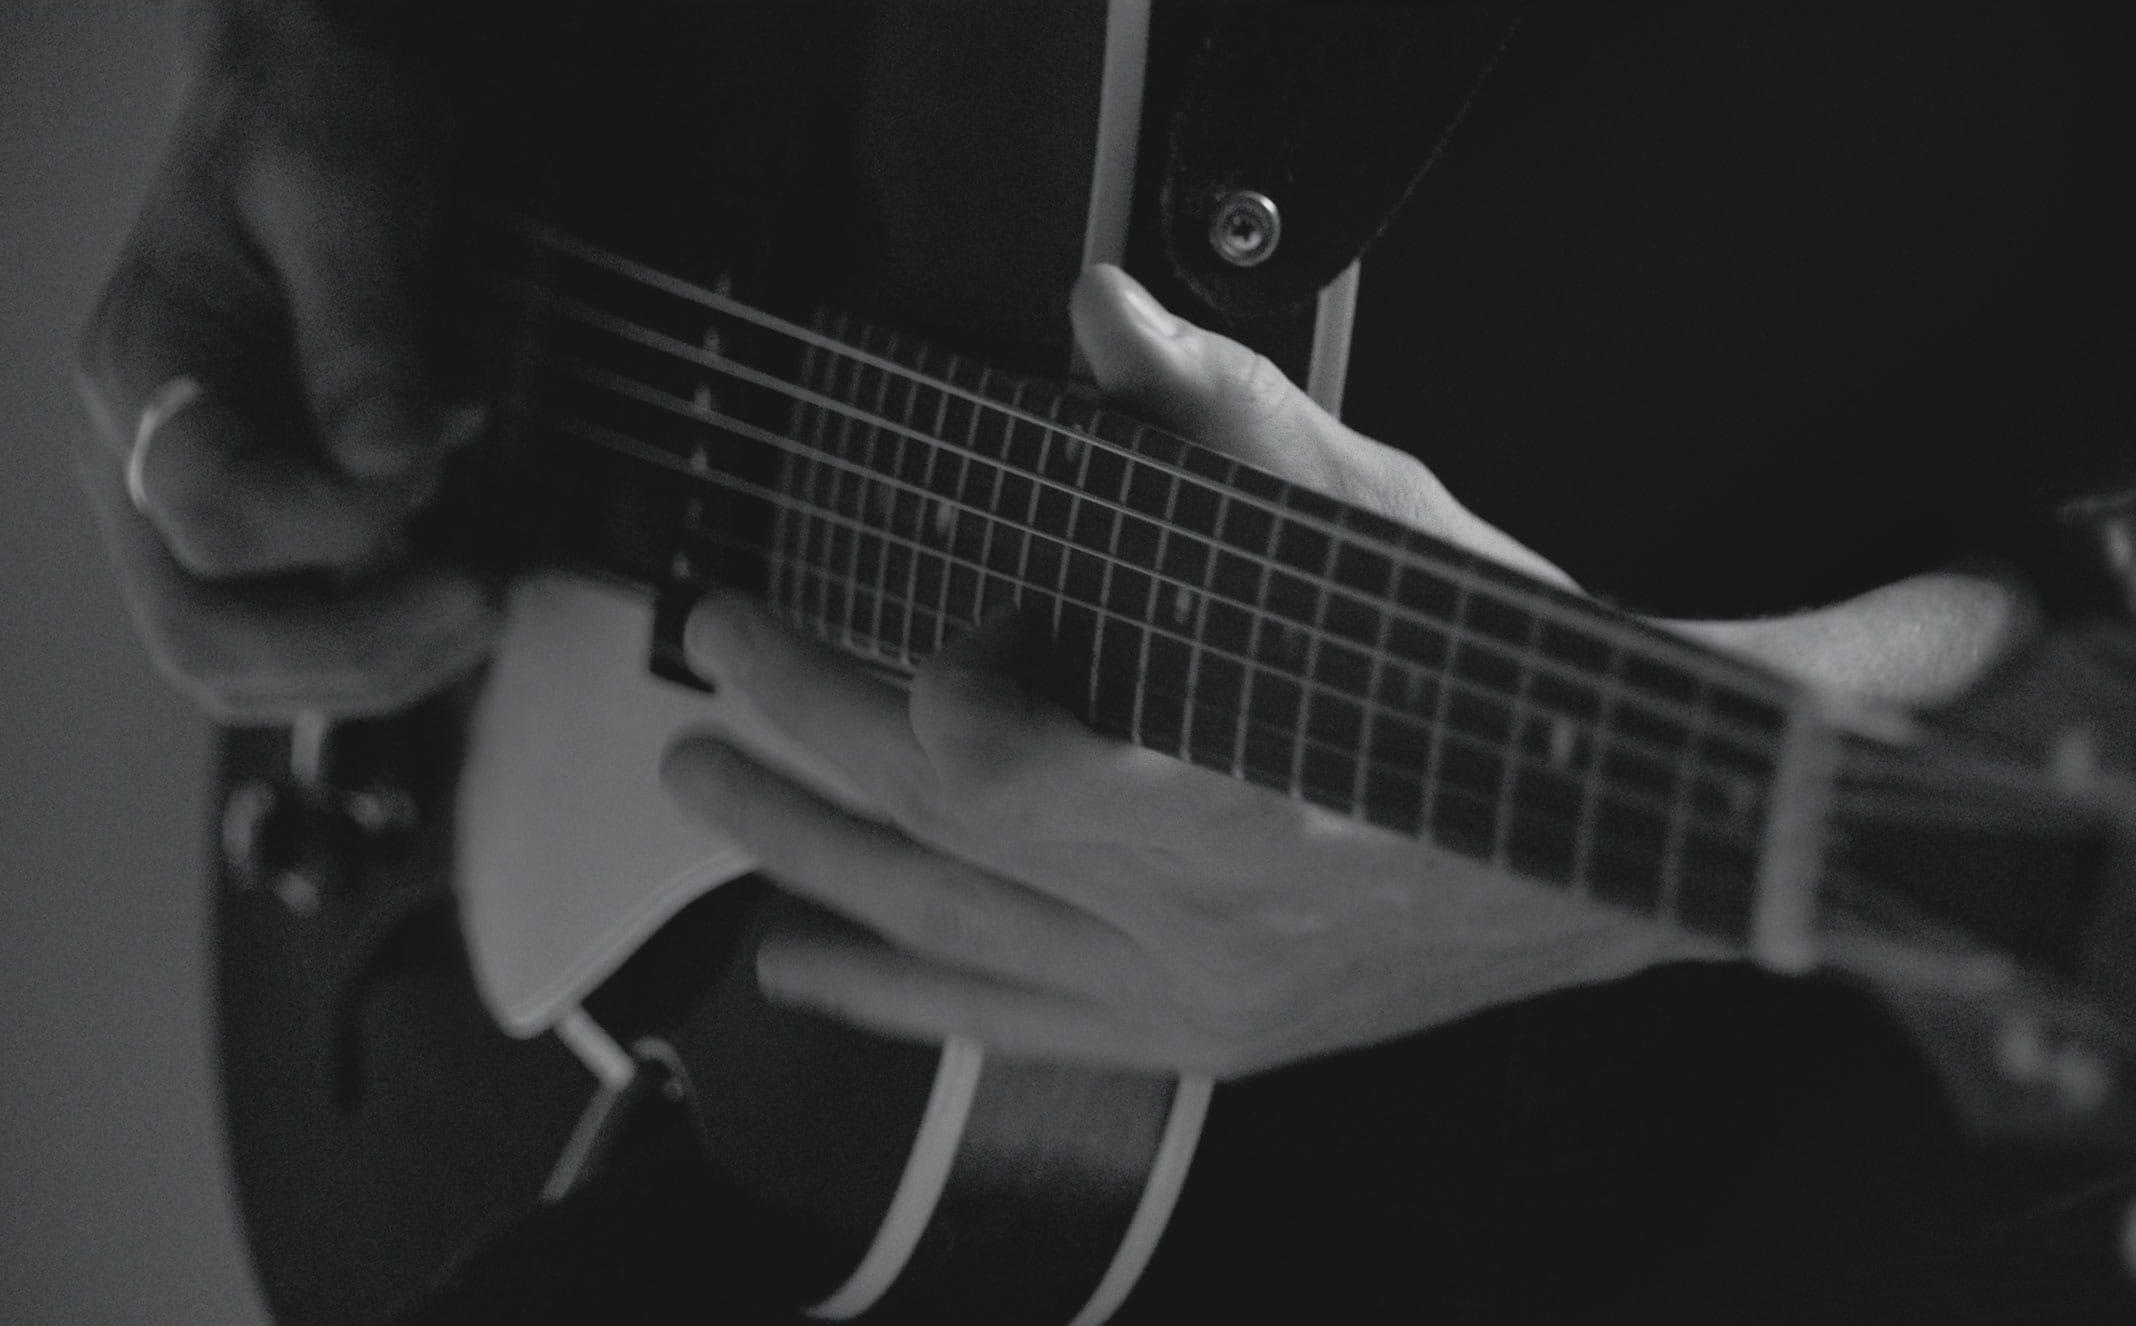 Jakość dźwięku w Apple Music porównana z Tidal i Spotify | iMagazine